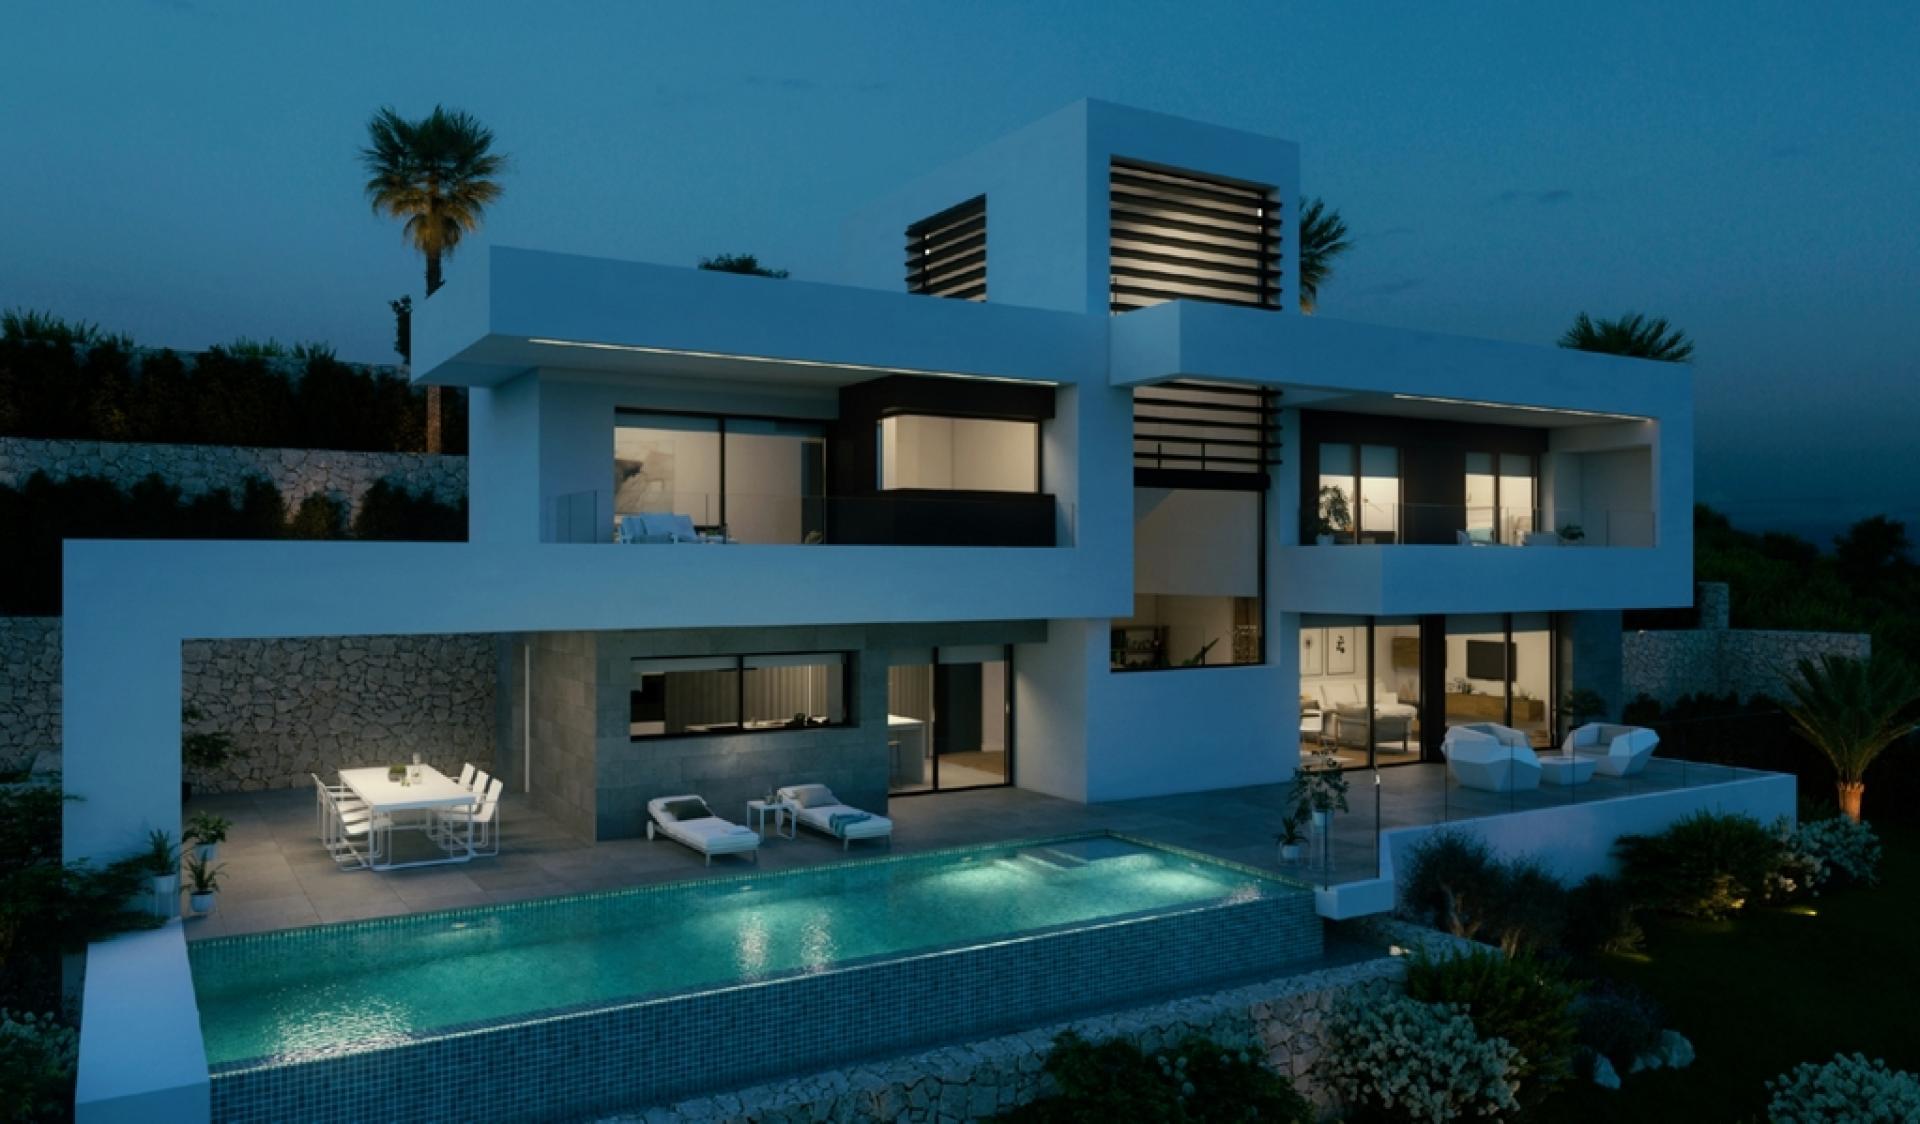 Top villa in Exclusive Area of the Mondaine Seaside Resort of Altea in Medvilla Spanje